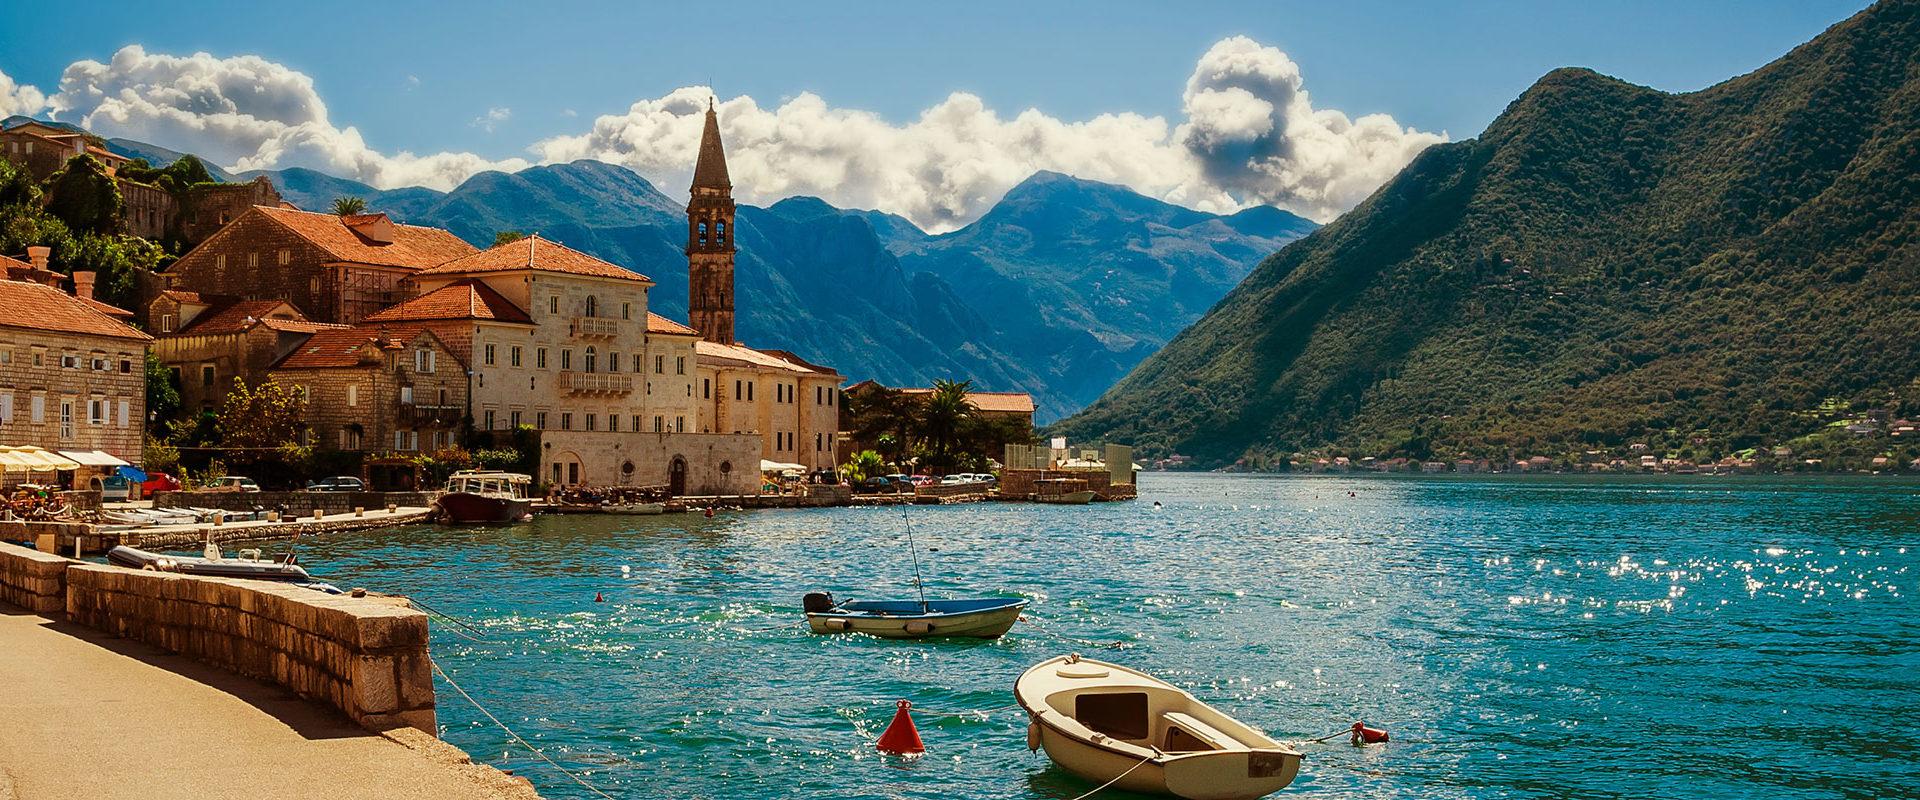 Отдых в Черногории. Подробная информация для туристов - TradeVoyage